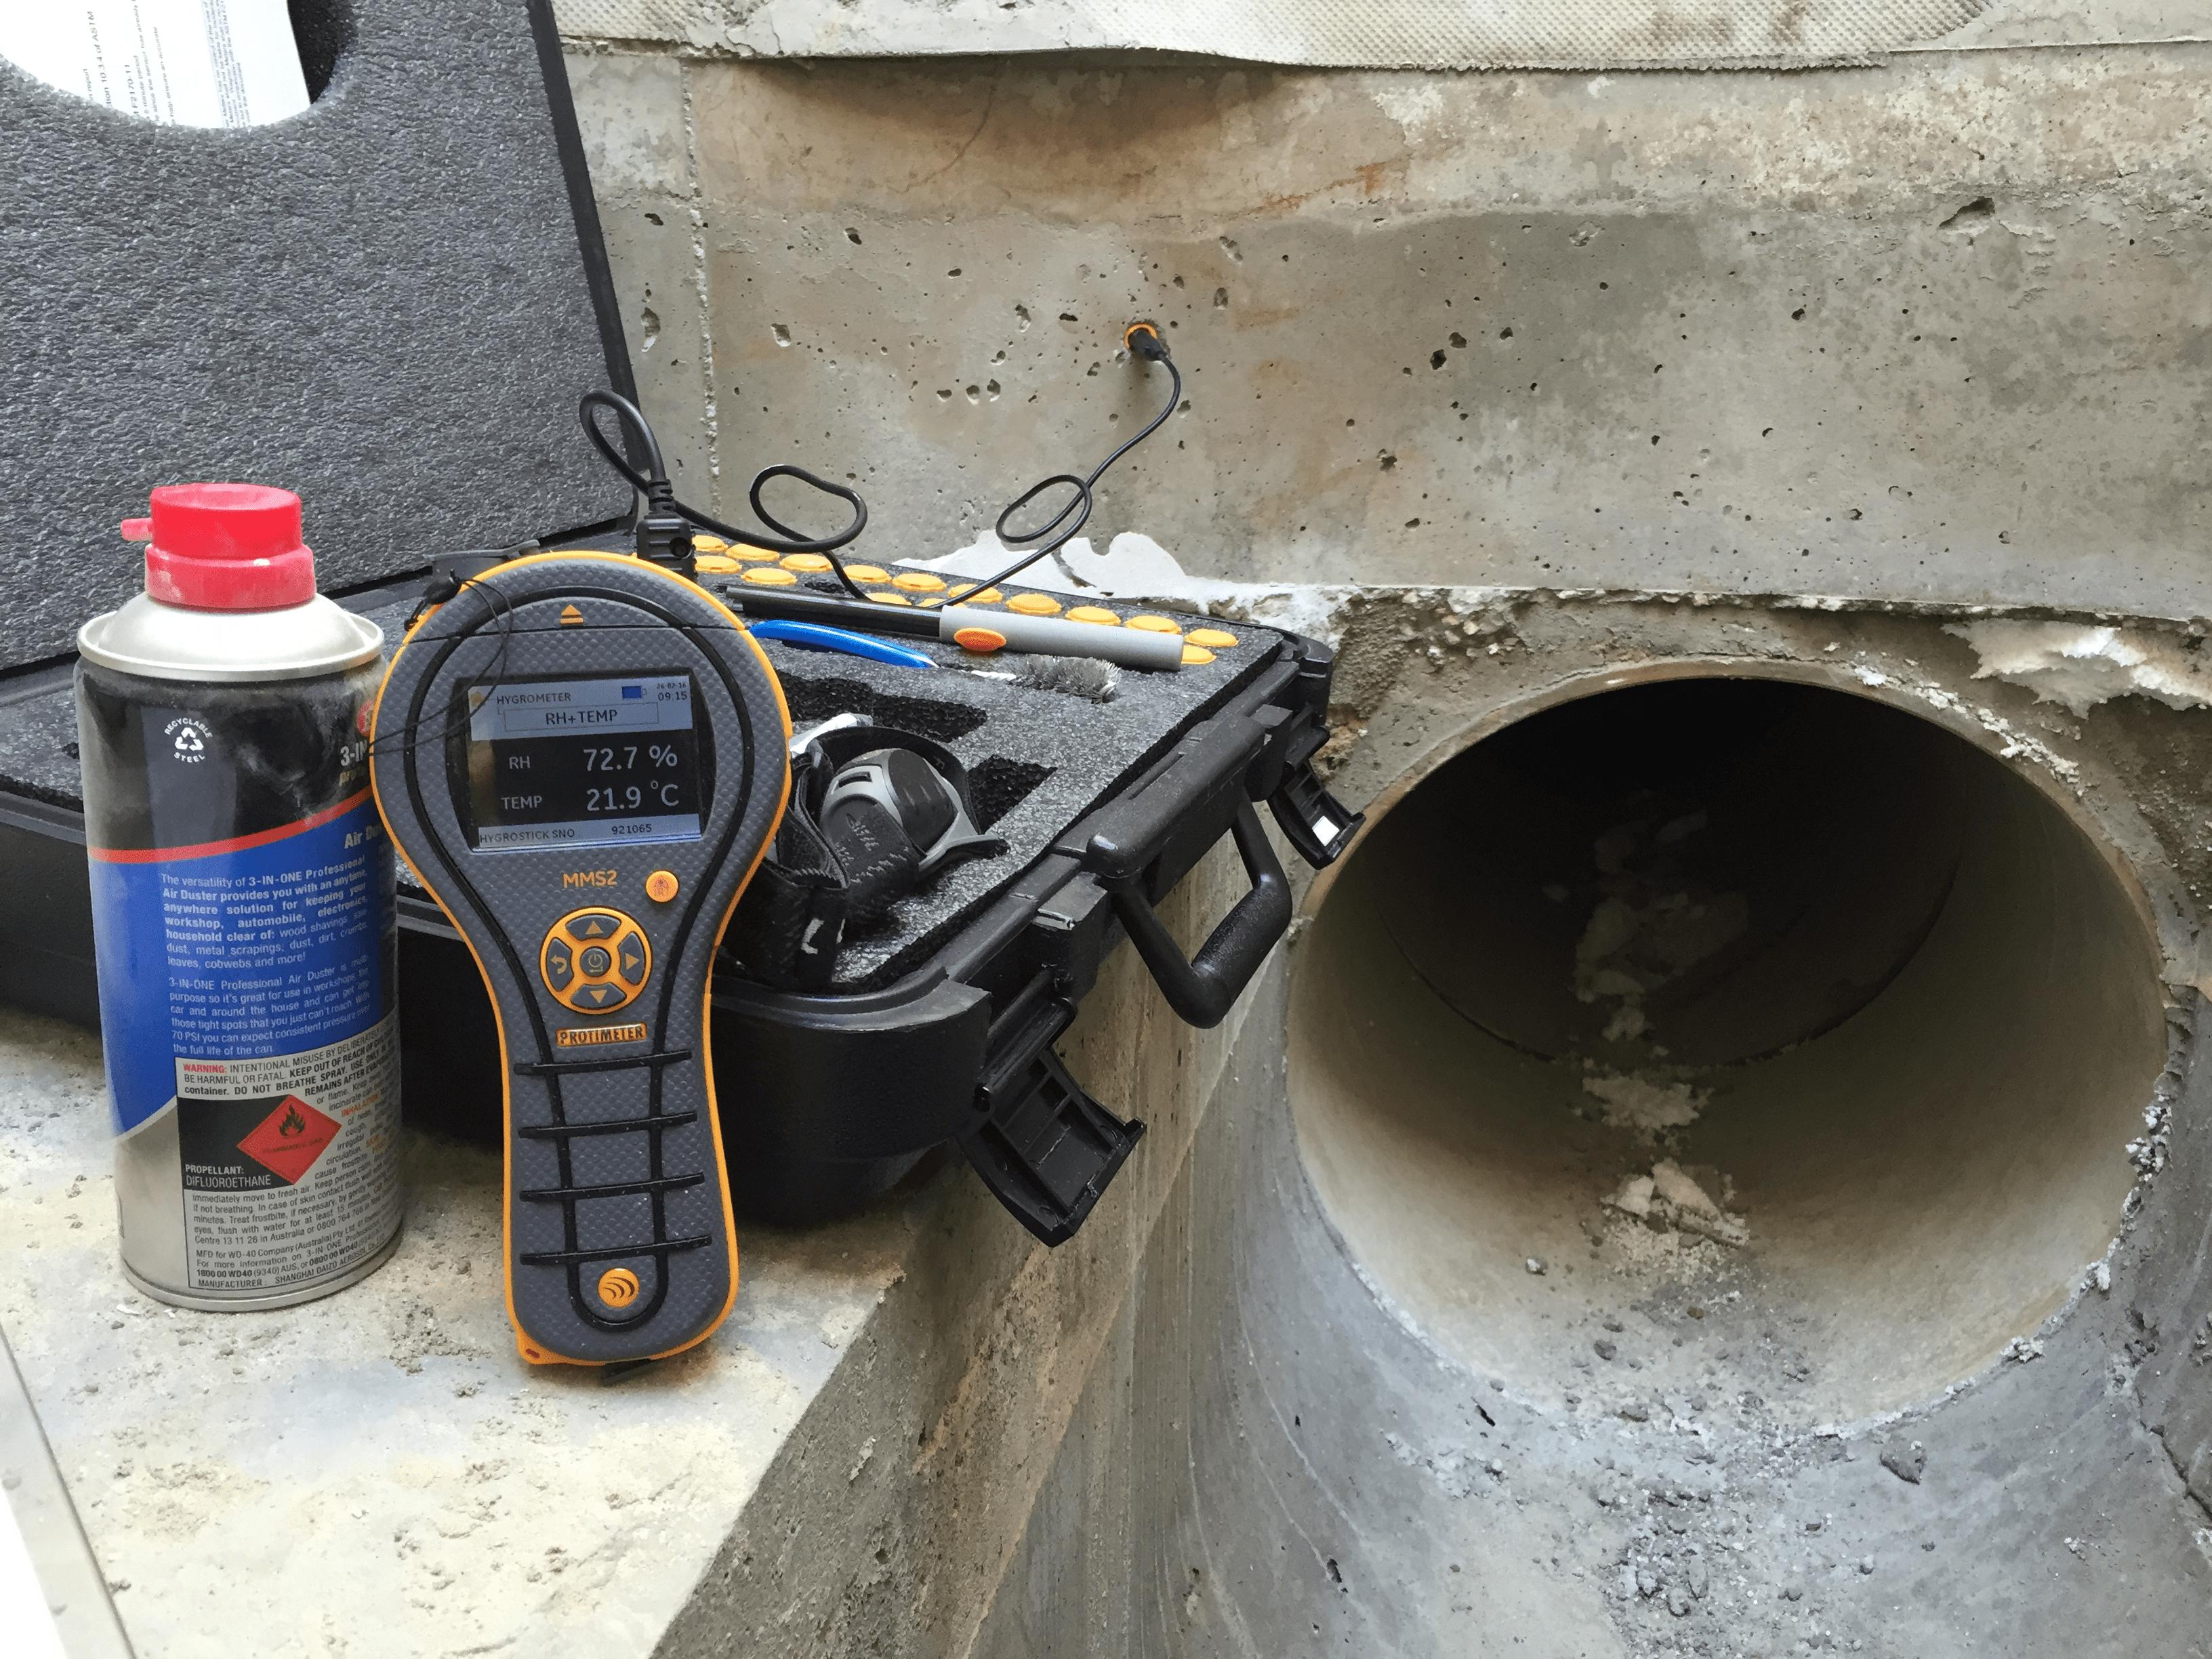 Concrete inspection, concrete testing, concrete quality control